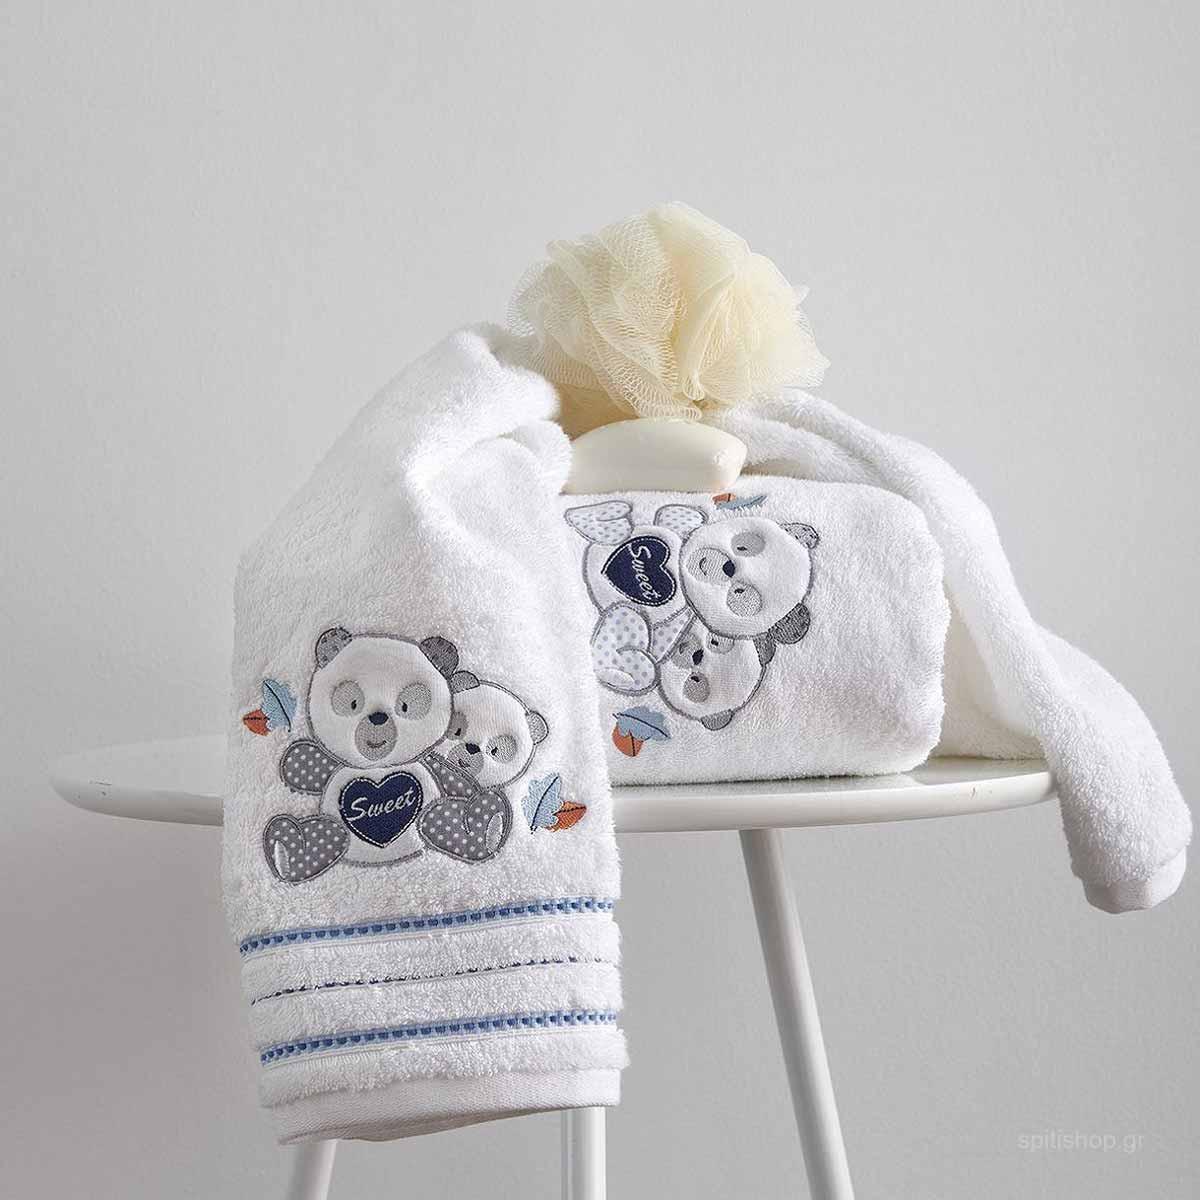 Βρεφικές Πετσέτες (Σετ 2τμχ) Sb Home Baby Panda Blue